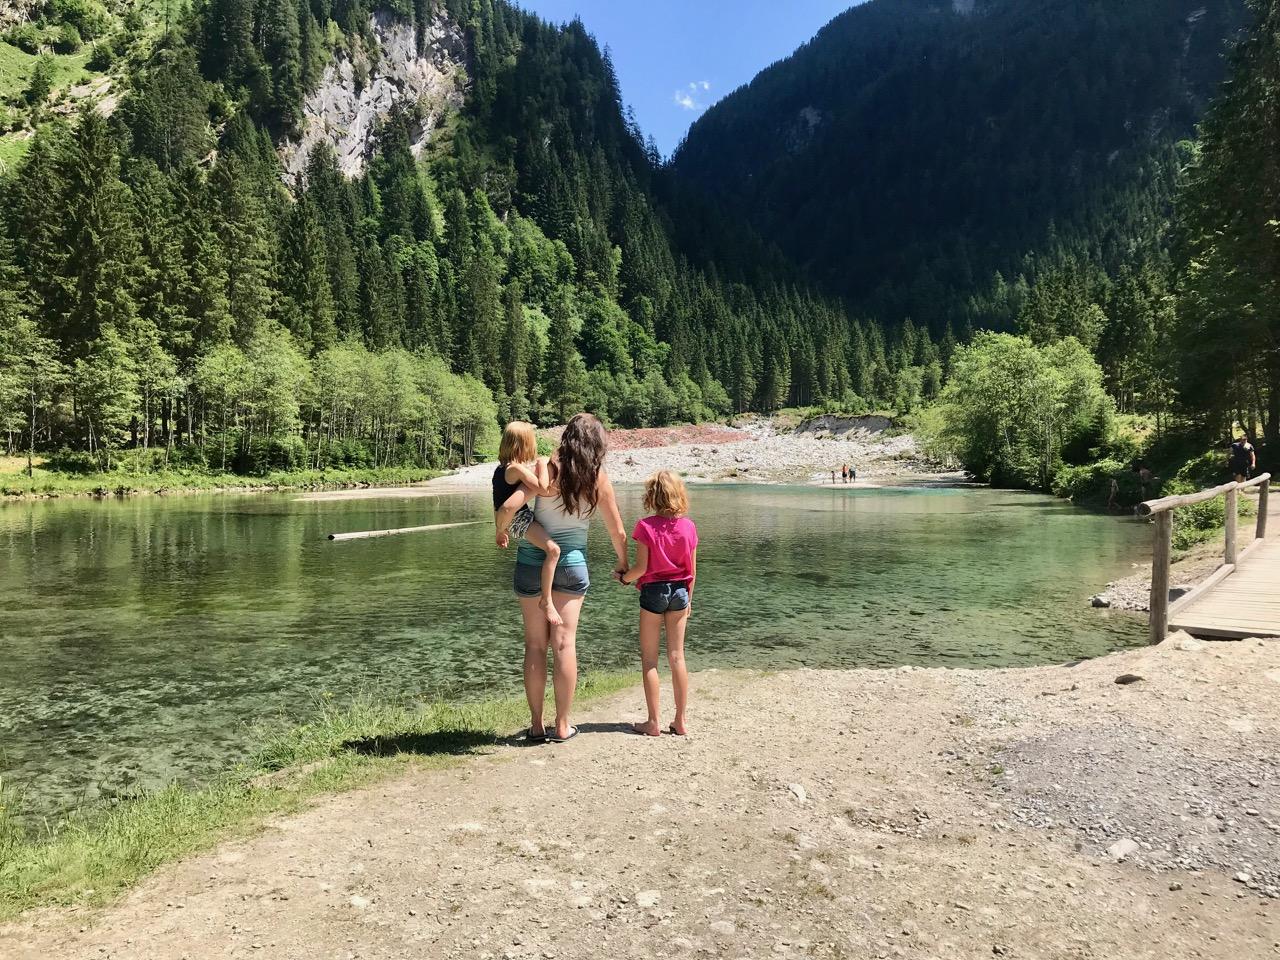 Frau mit langen Haaren steht an einem Bergsee. Ein Mädchen auf dem Arm, ein Mädchen an der Hand (Titelbild für Alle Artikel zur Haarspendeaktion #MamasZopf: Zu Fuß von Berlin nach Wien)